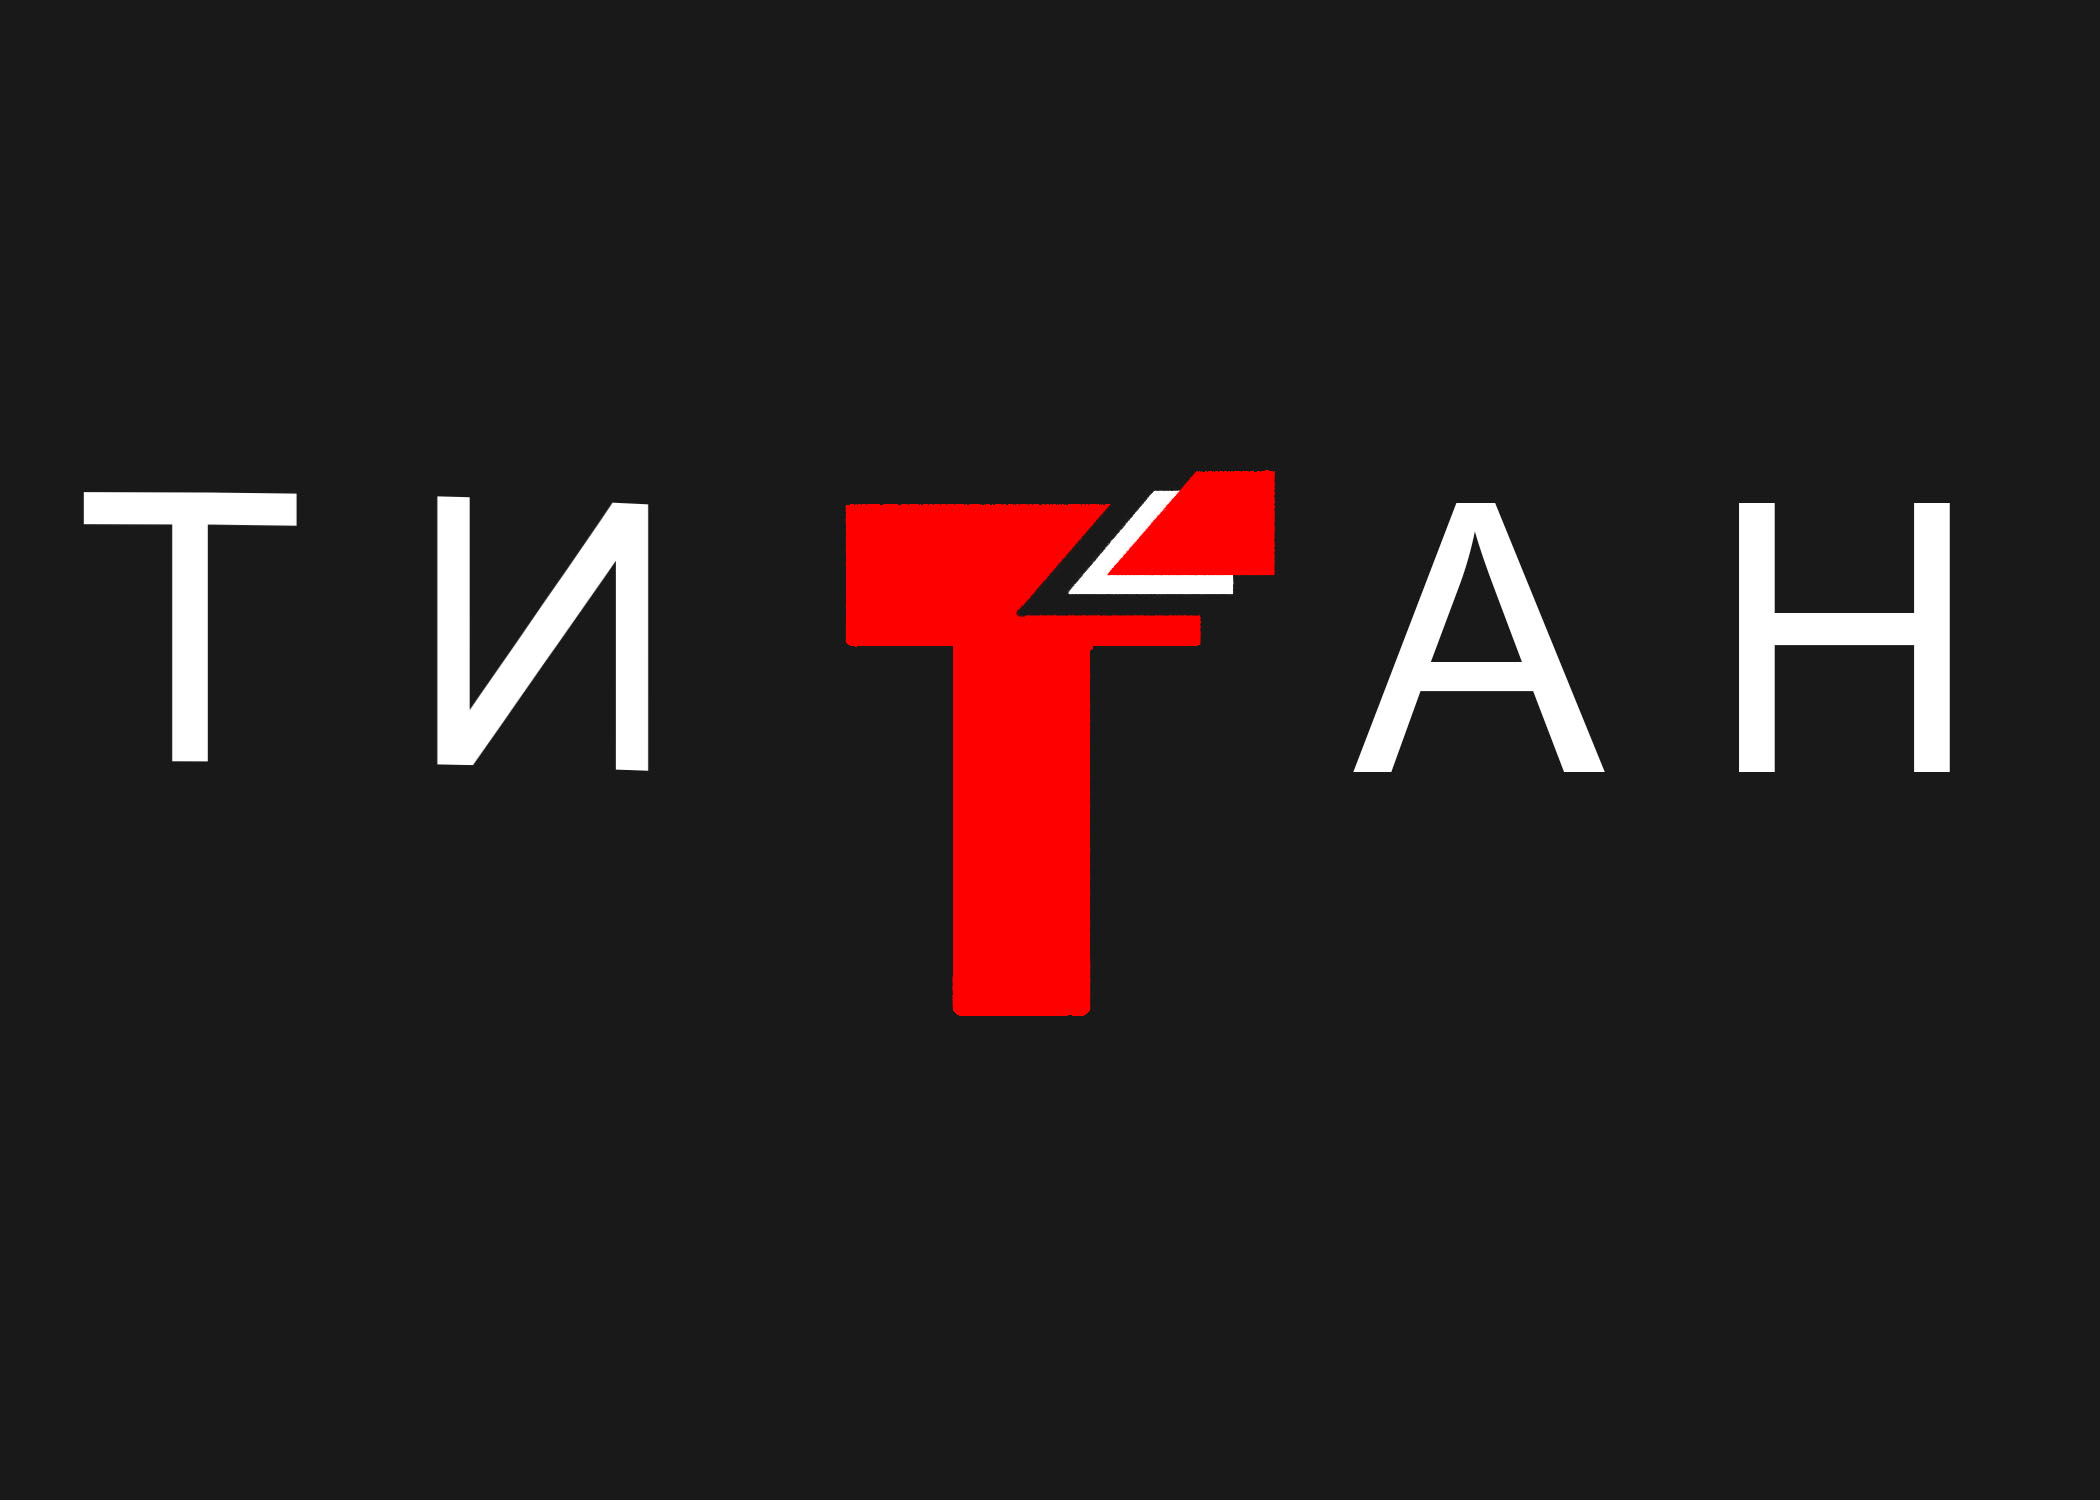 Разработка логотипа (срочно) фото f_7915d498ecbc0a00.jpg